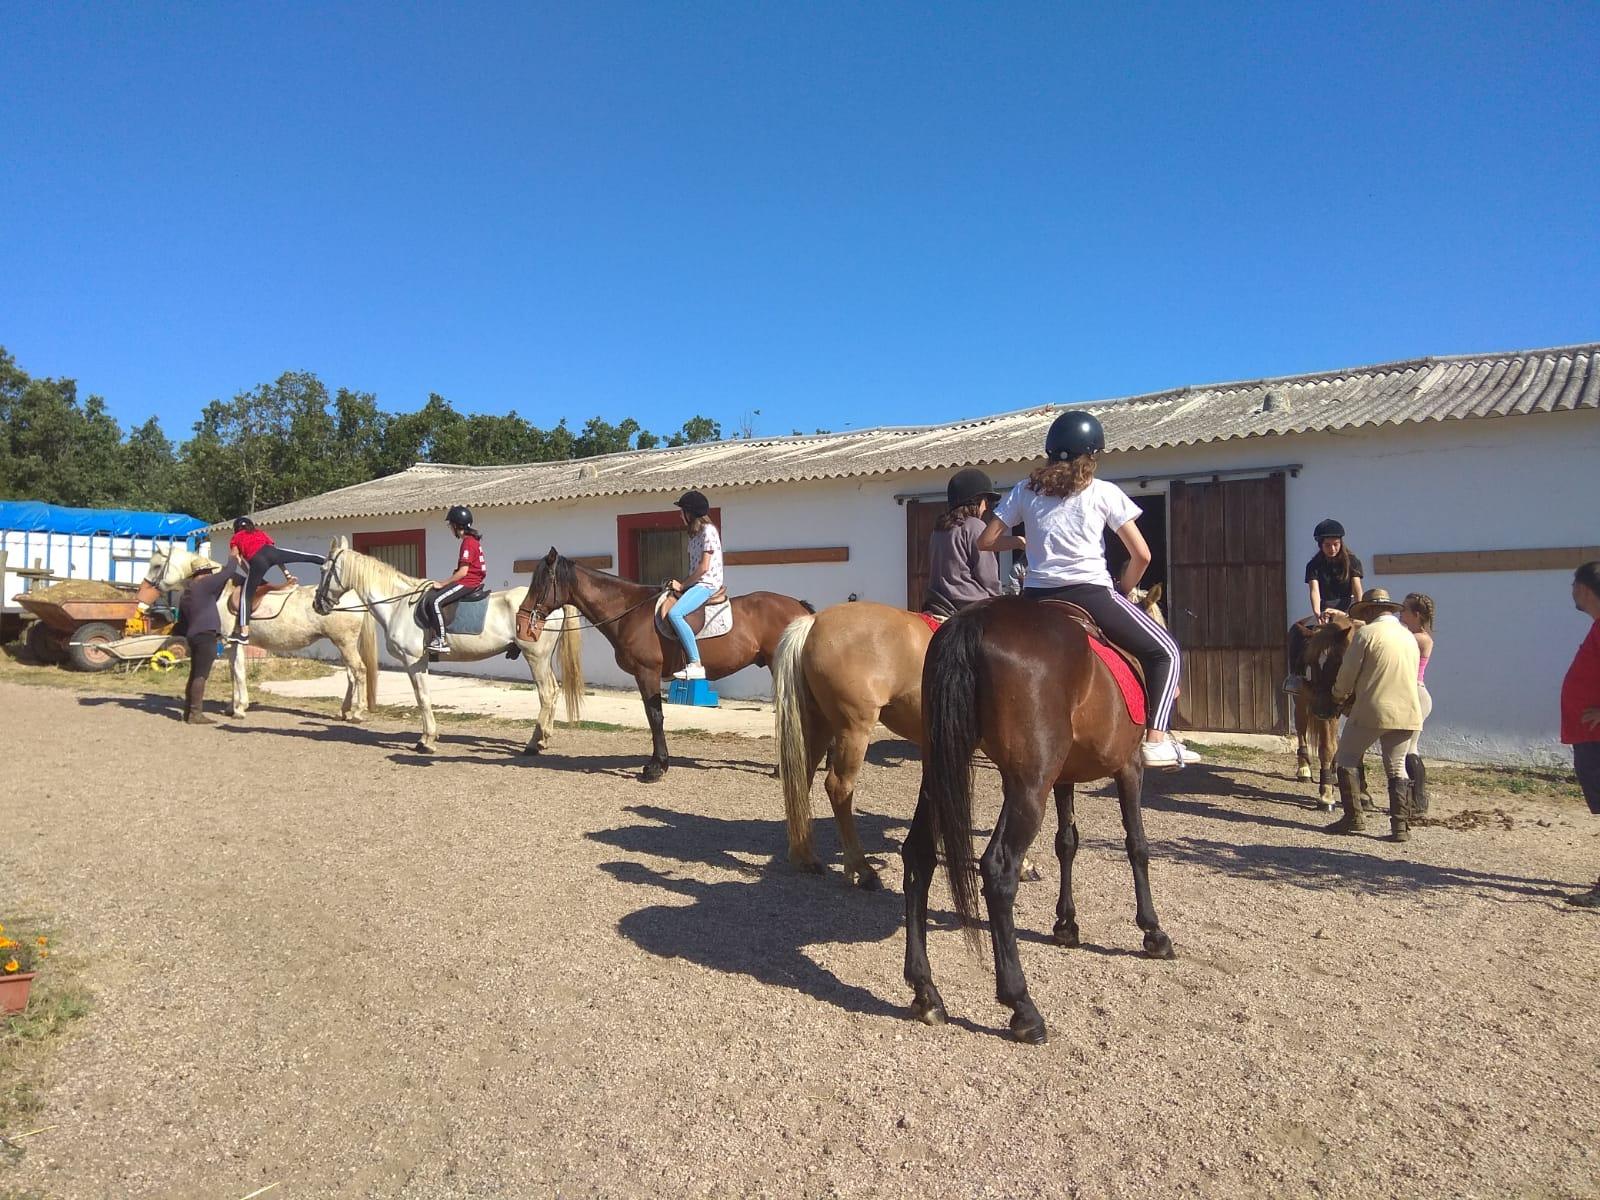 Caballos. Equitación en campamento de verano julio Sepulveda.